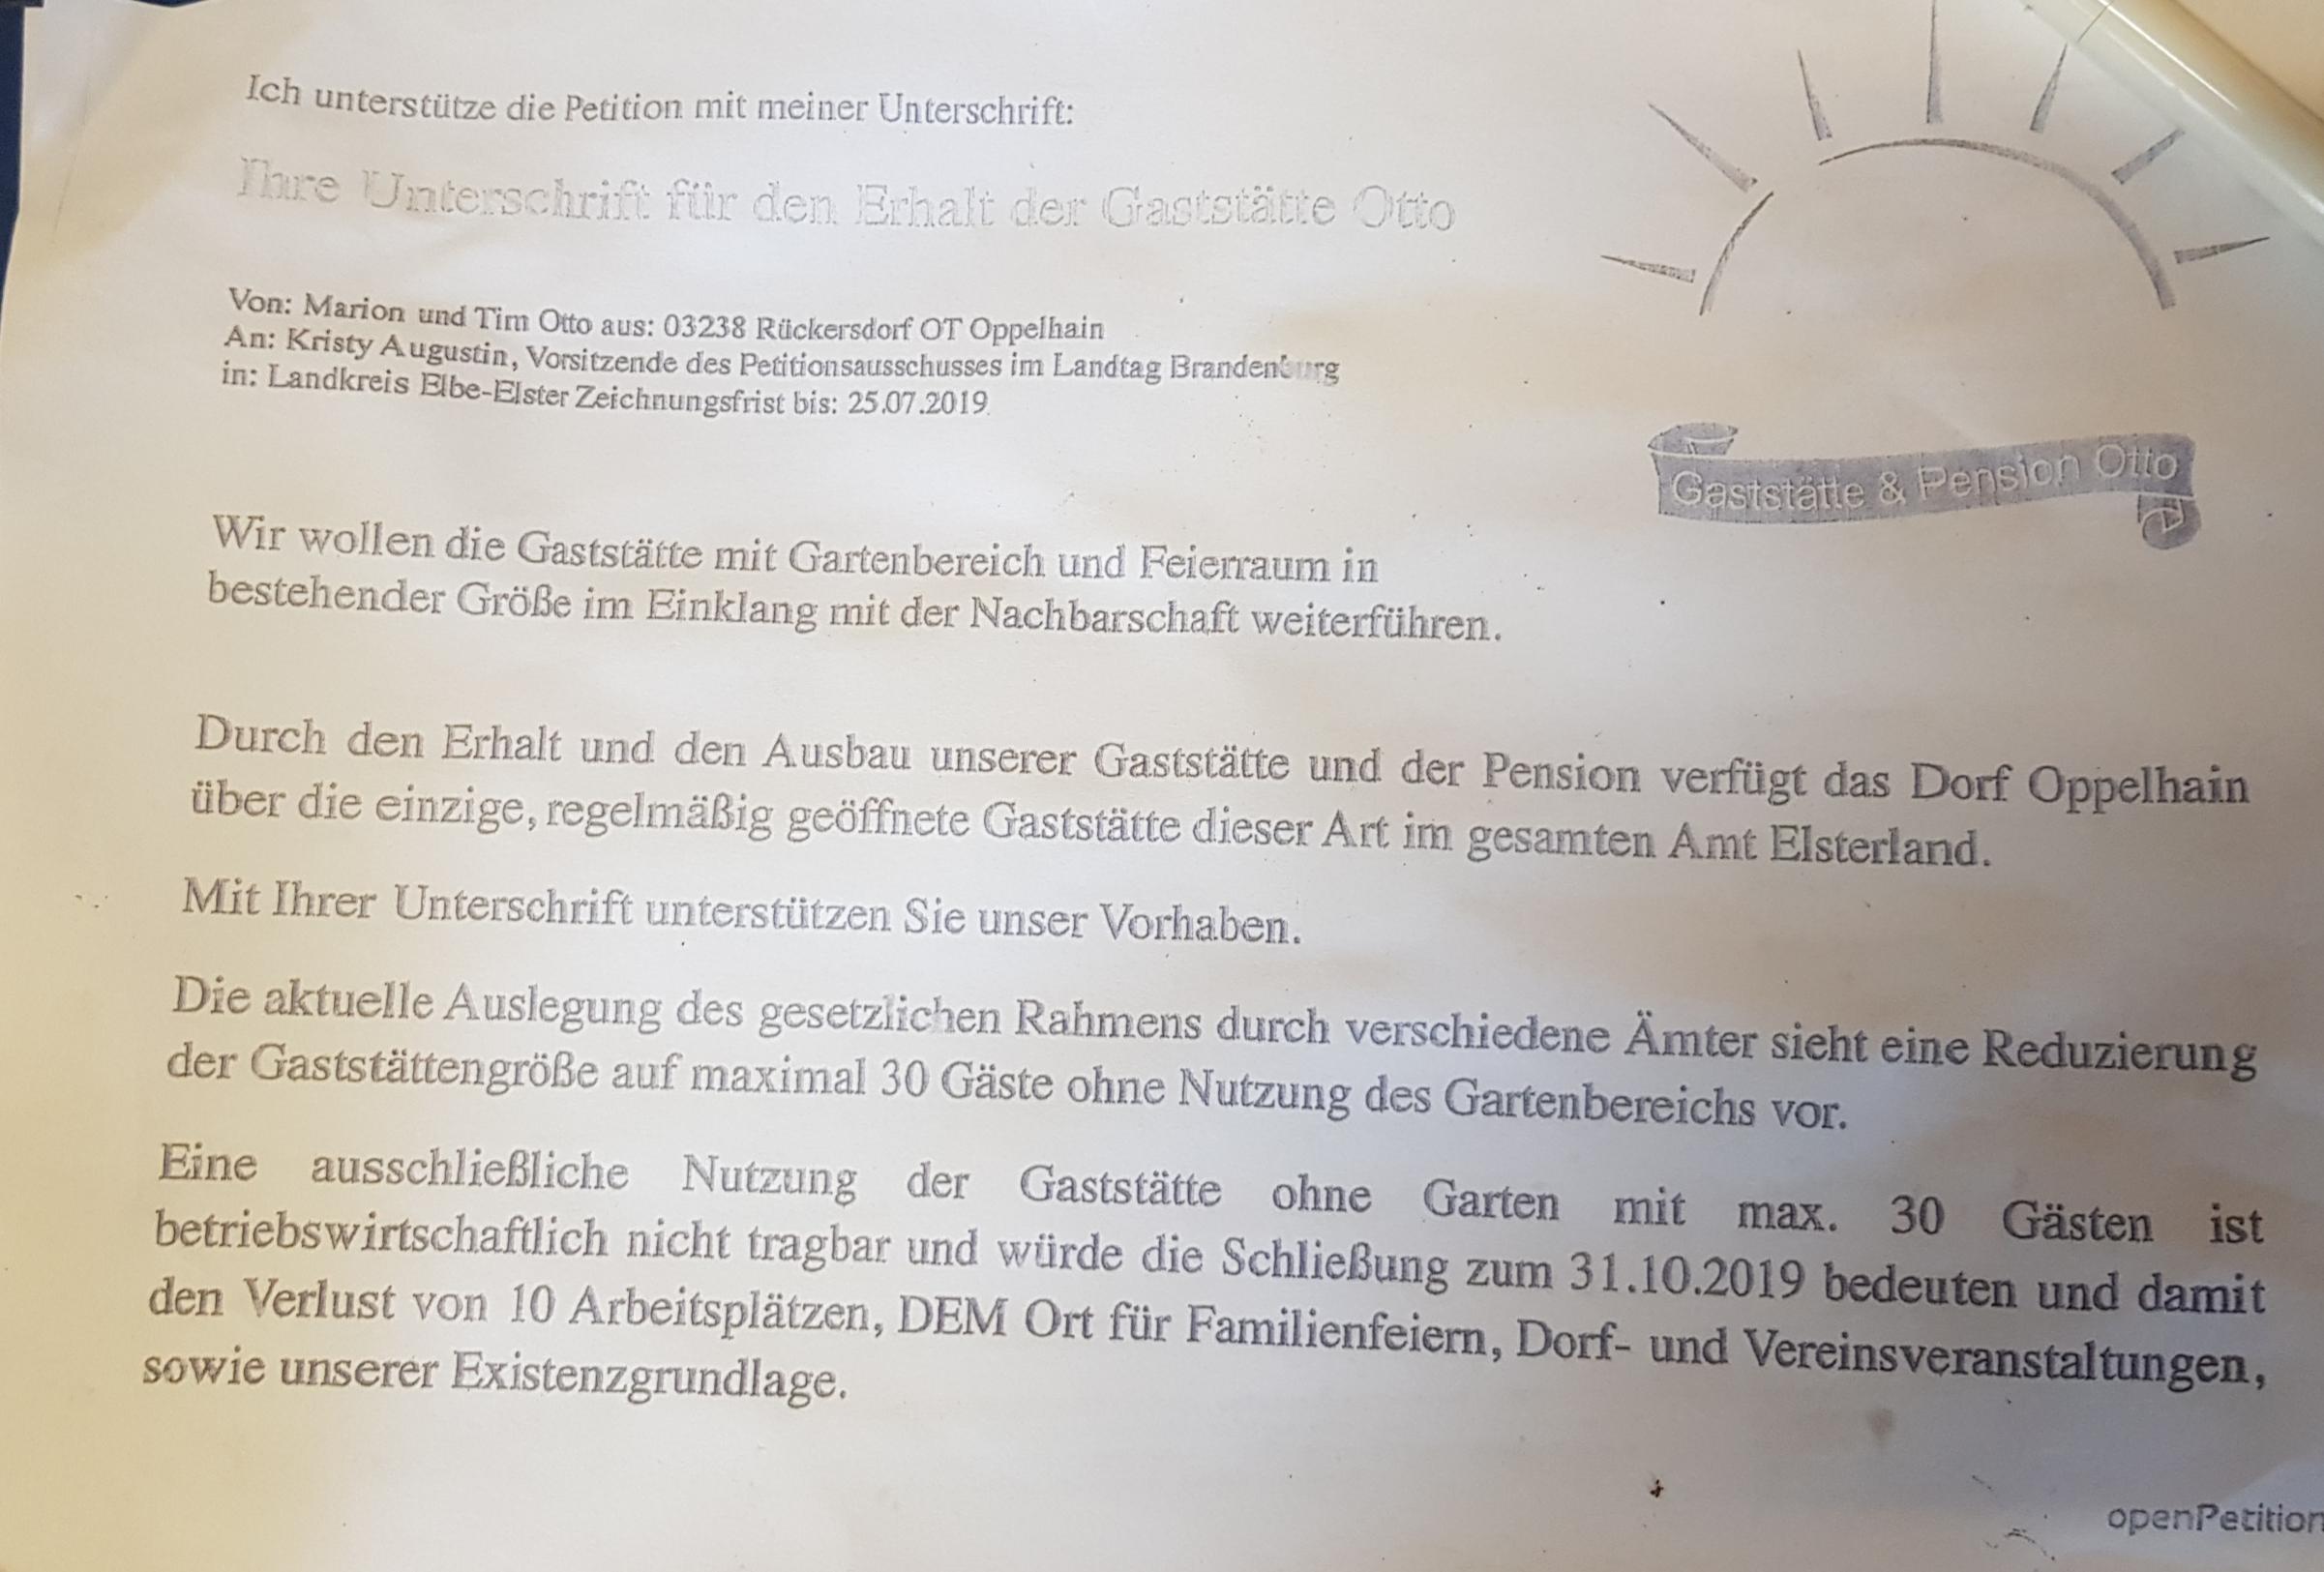 Petition Gaststätte Otto Oppelhain / Rückersdorf